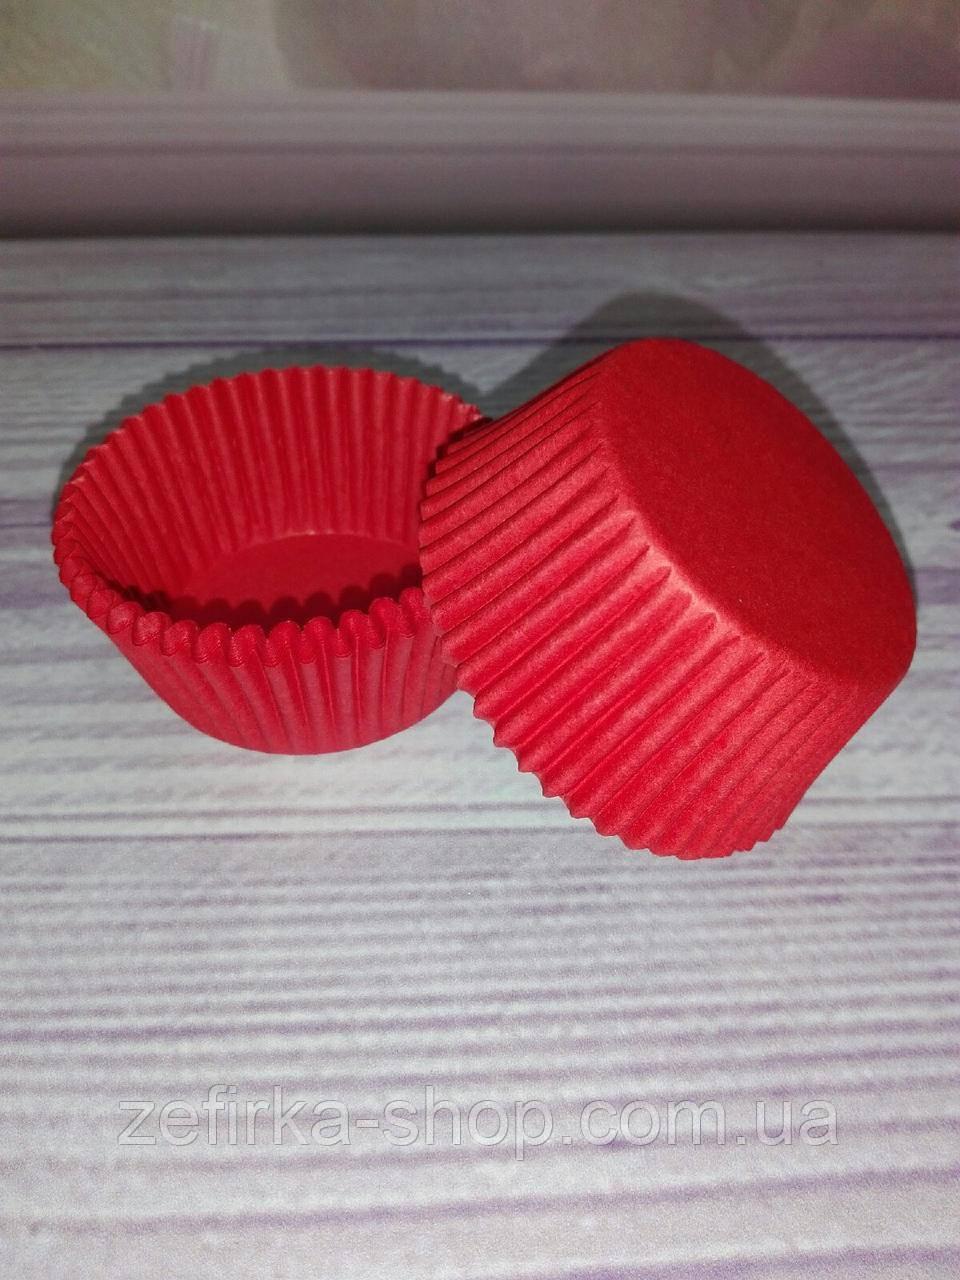 Бумажные формы для кексов красные, 50 шт